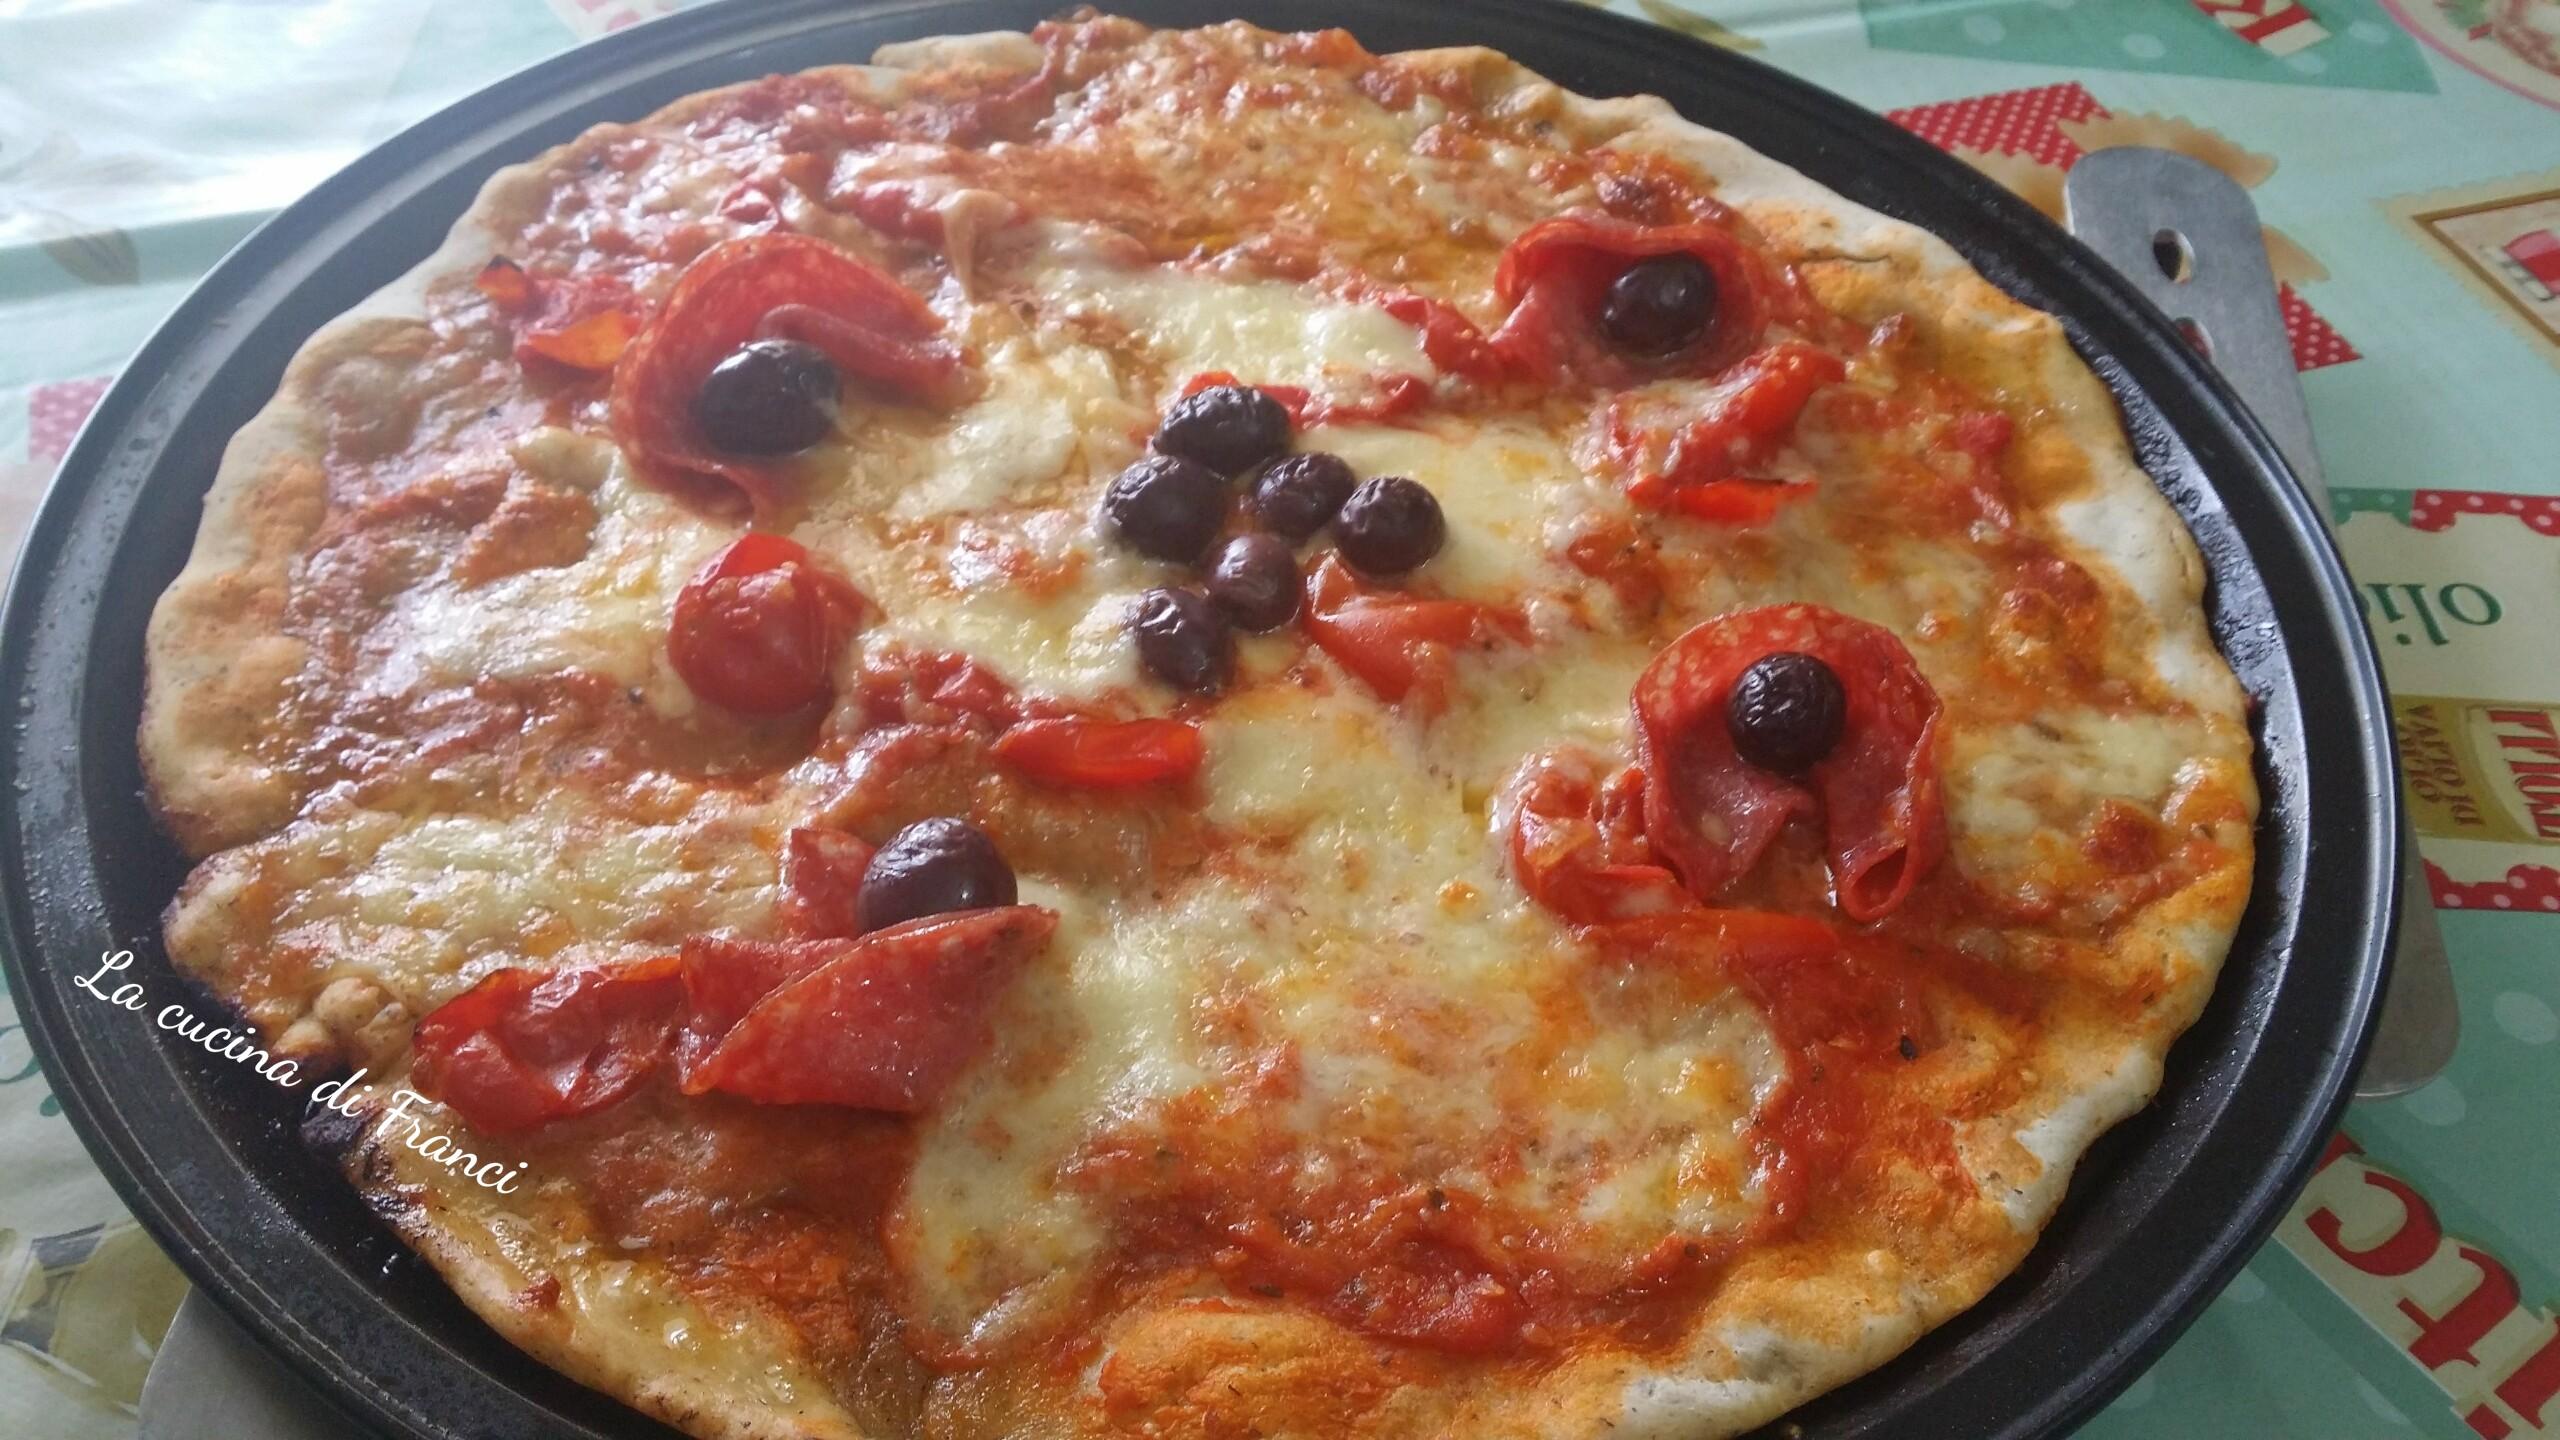 Pizza senza lievito con grano saraceno